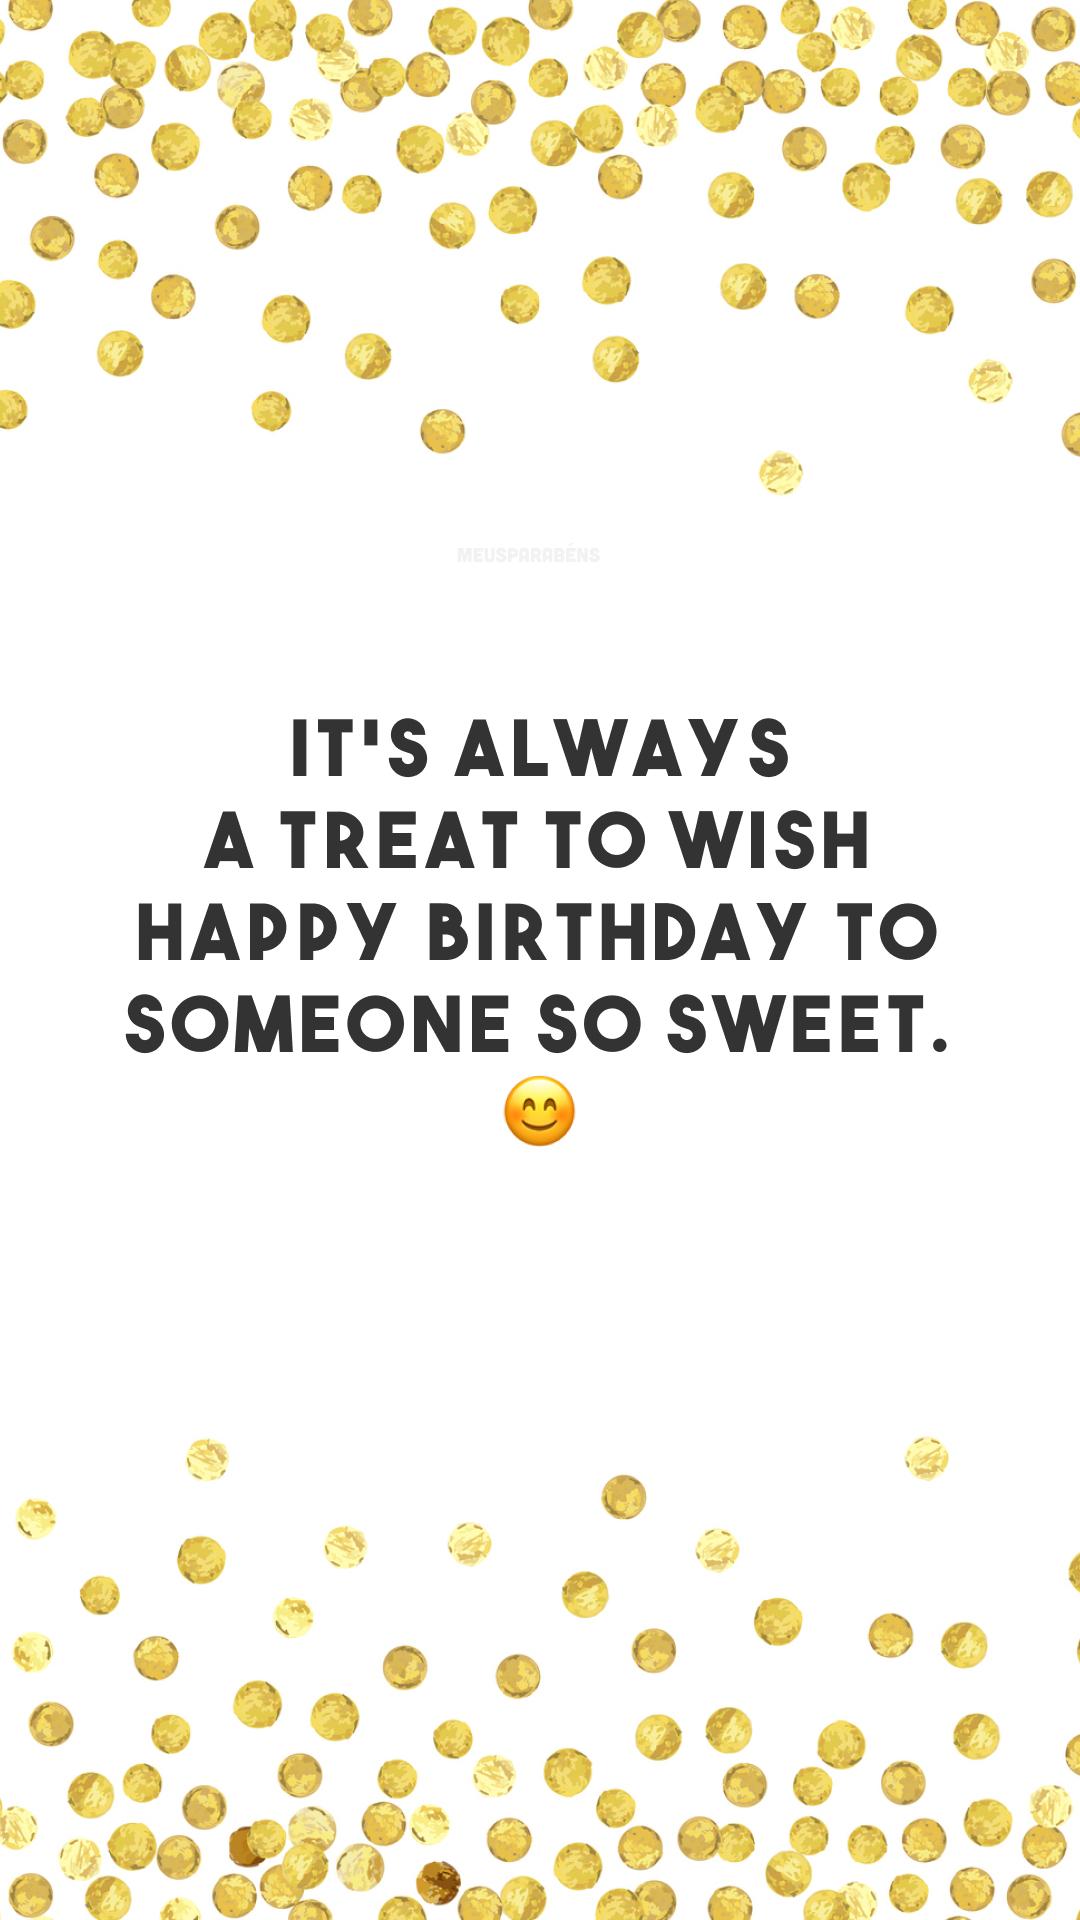 It's always a treat to wish happy birthday to someone so sweet. 😊 (É sempre uma alegria desejar um feliz aniversário para alguém tão doce.)